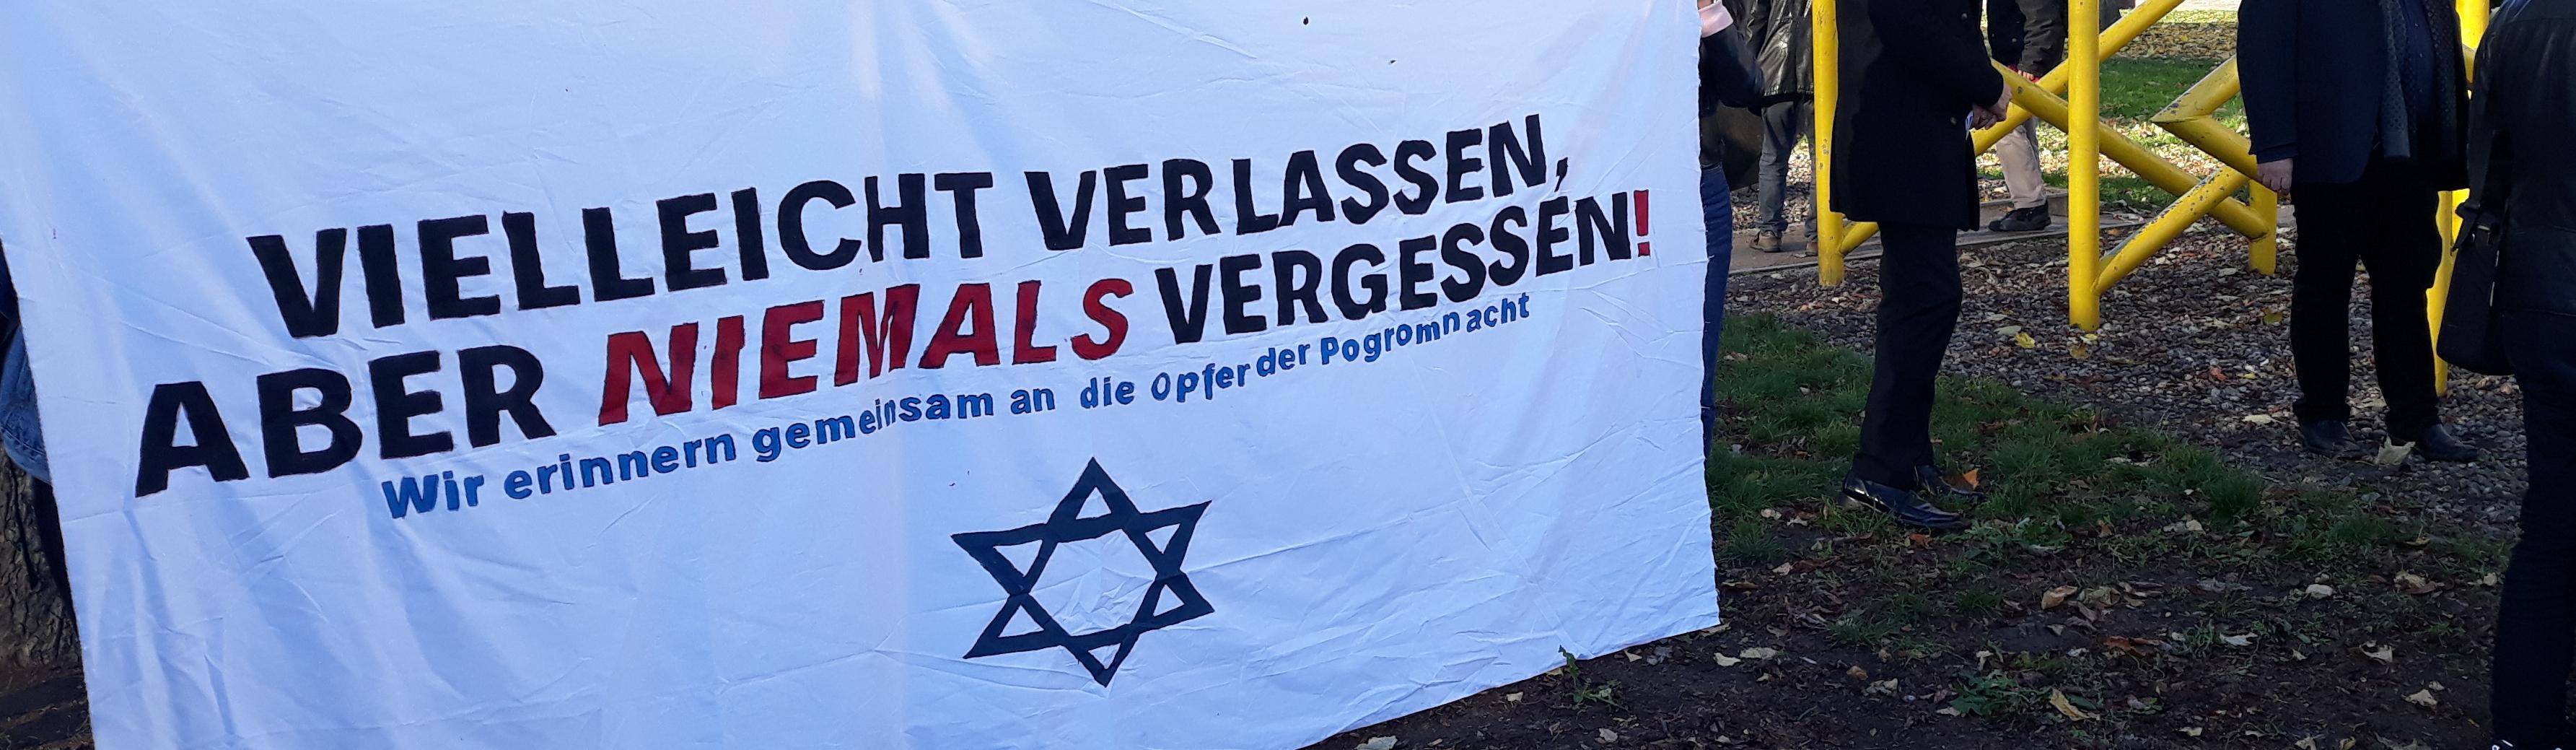 400 Menschen gedenken der Opfer der Pogromnacht in Dorstfeld